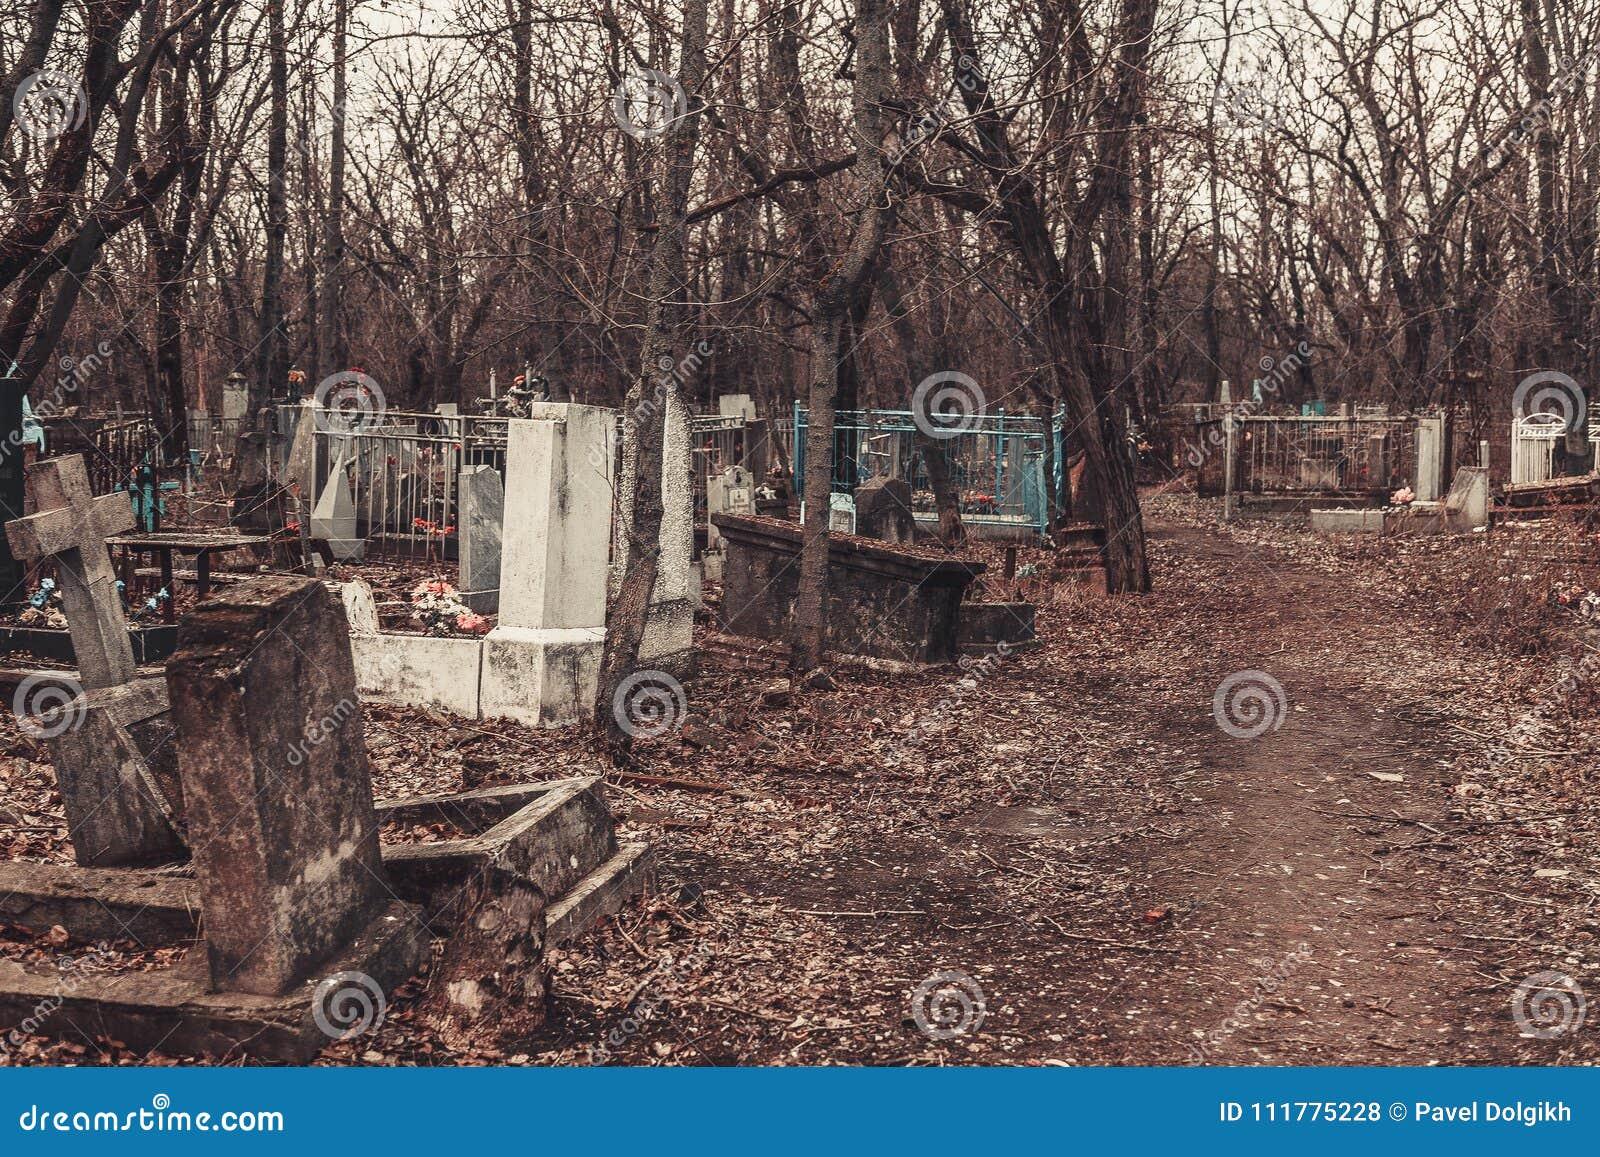 Τα αρχαία μνημεία ταφοπετρών νεκροταφείων των πνευμάτων φαντασμάτων μυστηρίου μυστικισμού αγγέλων φέρνουν το θάνατο